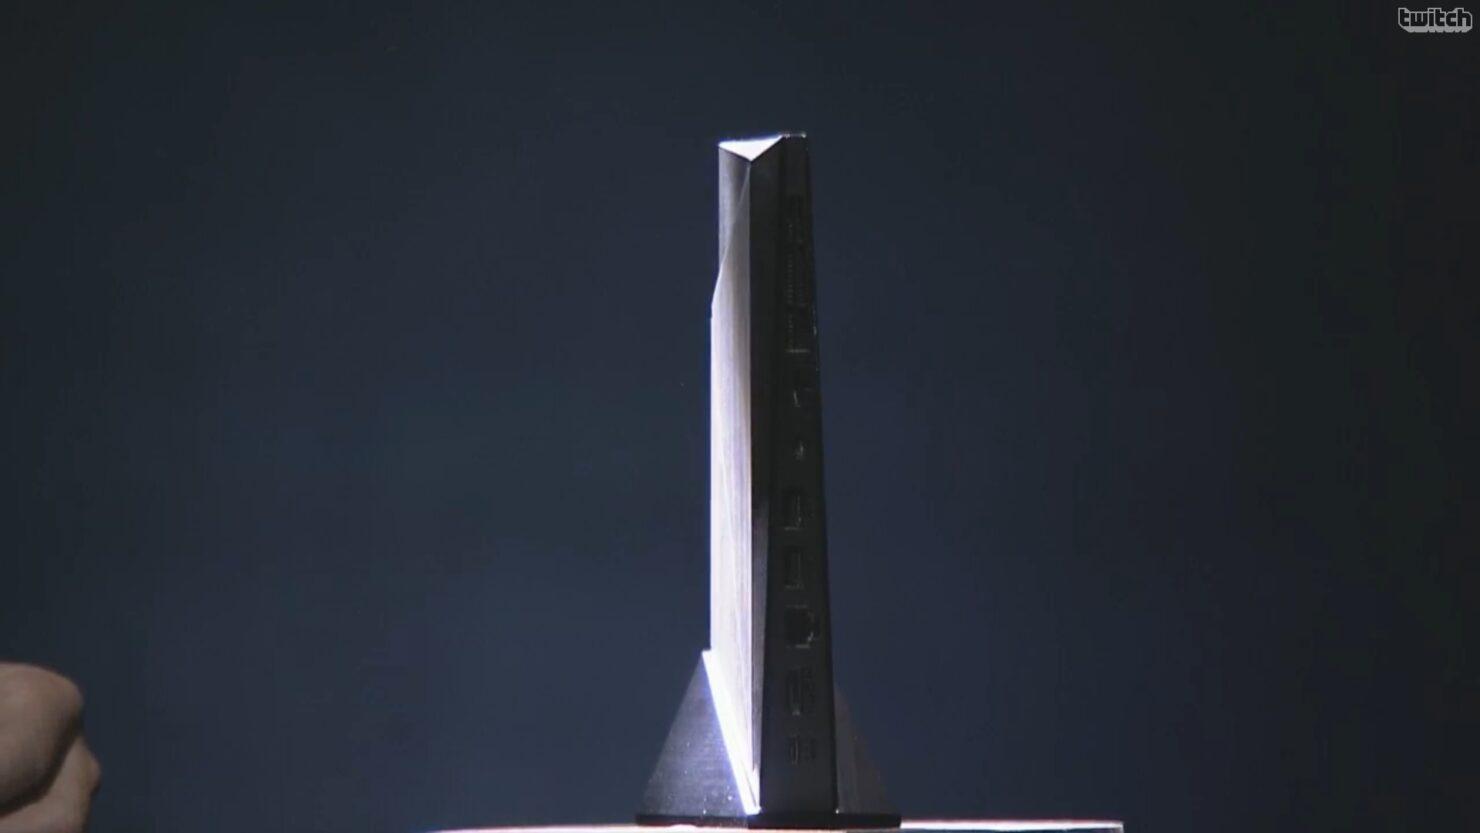 shield-microconsole-3